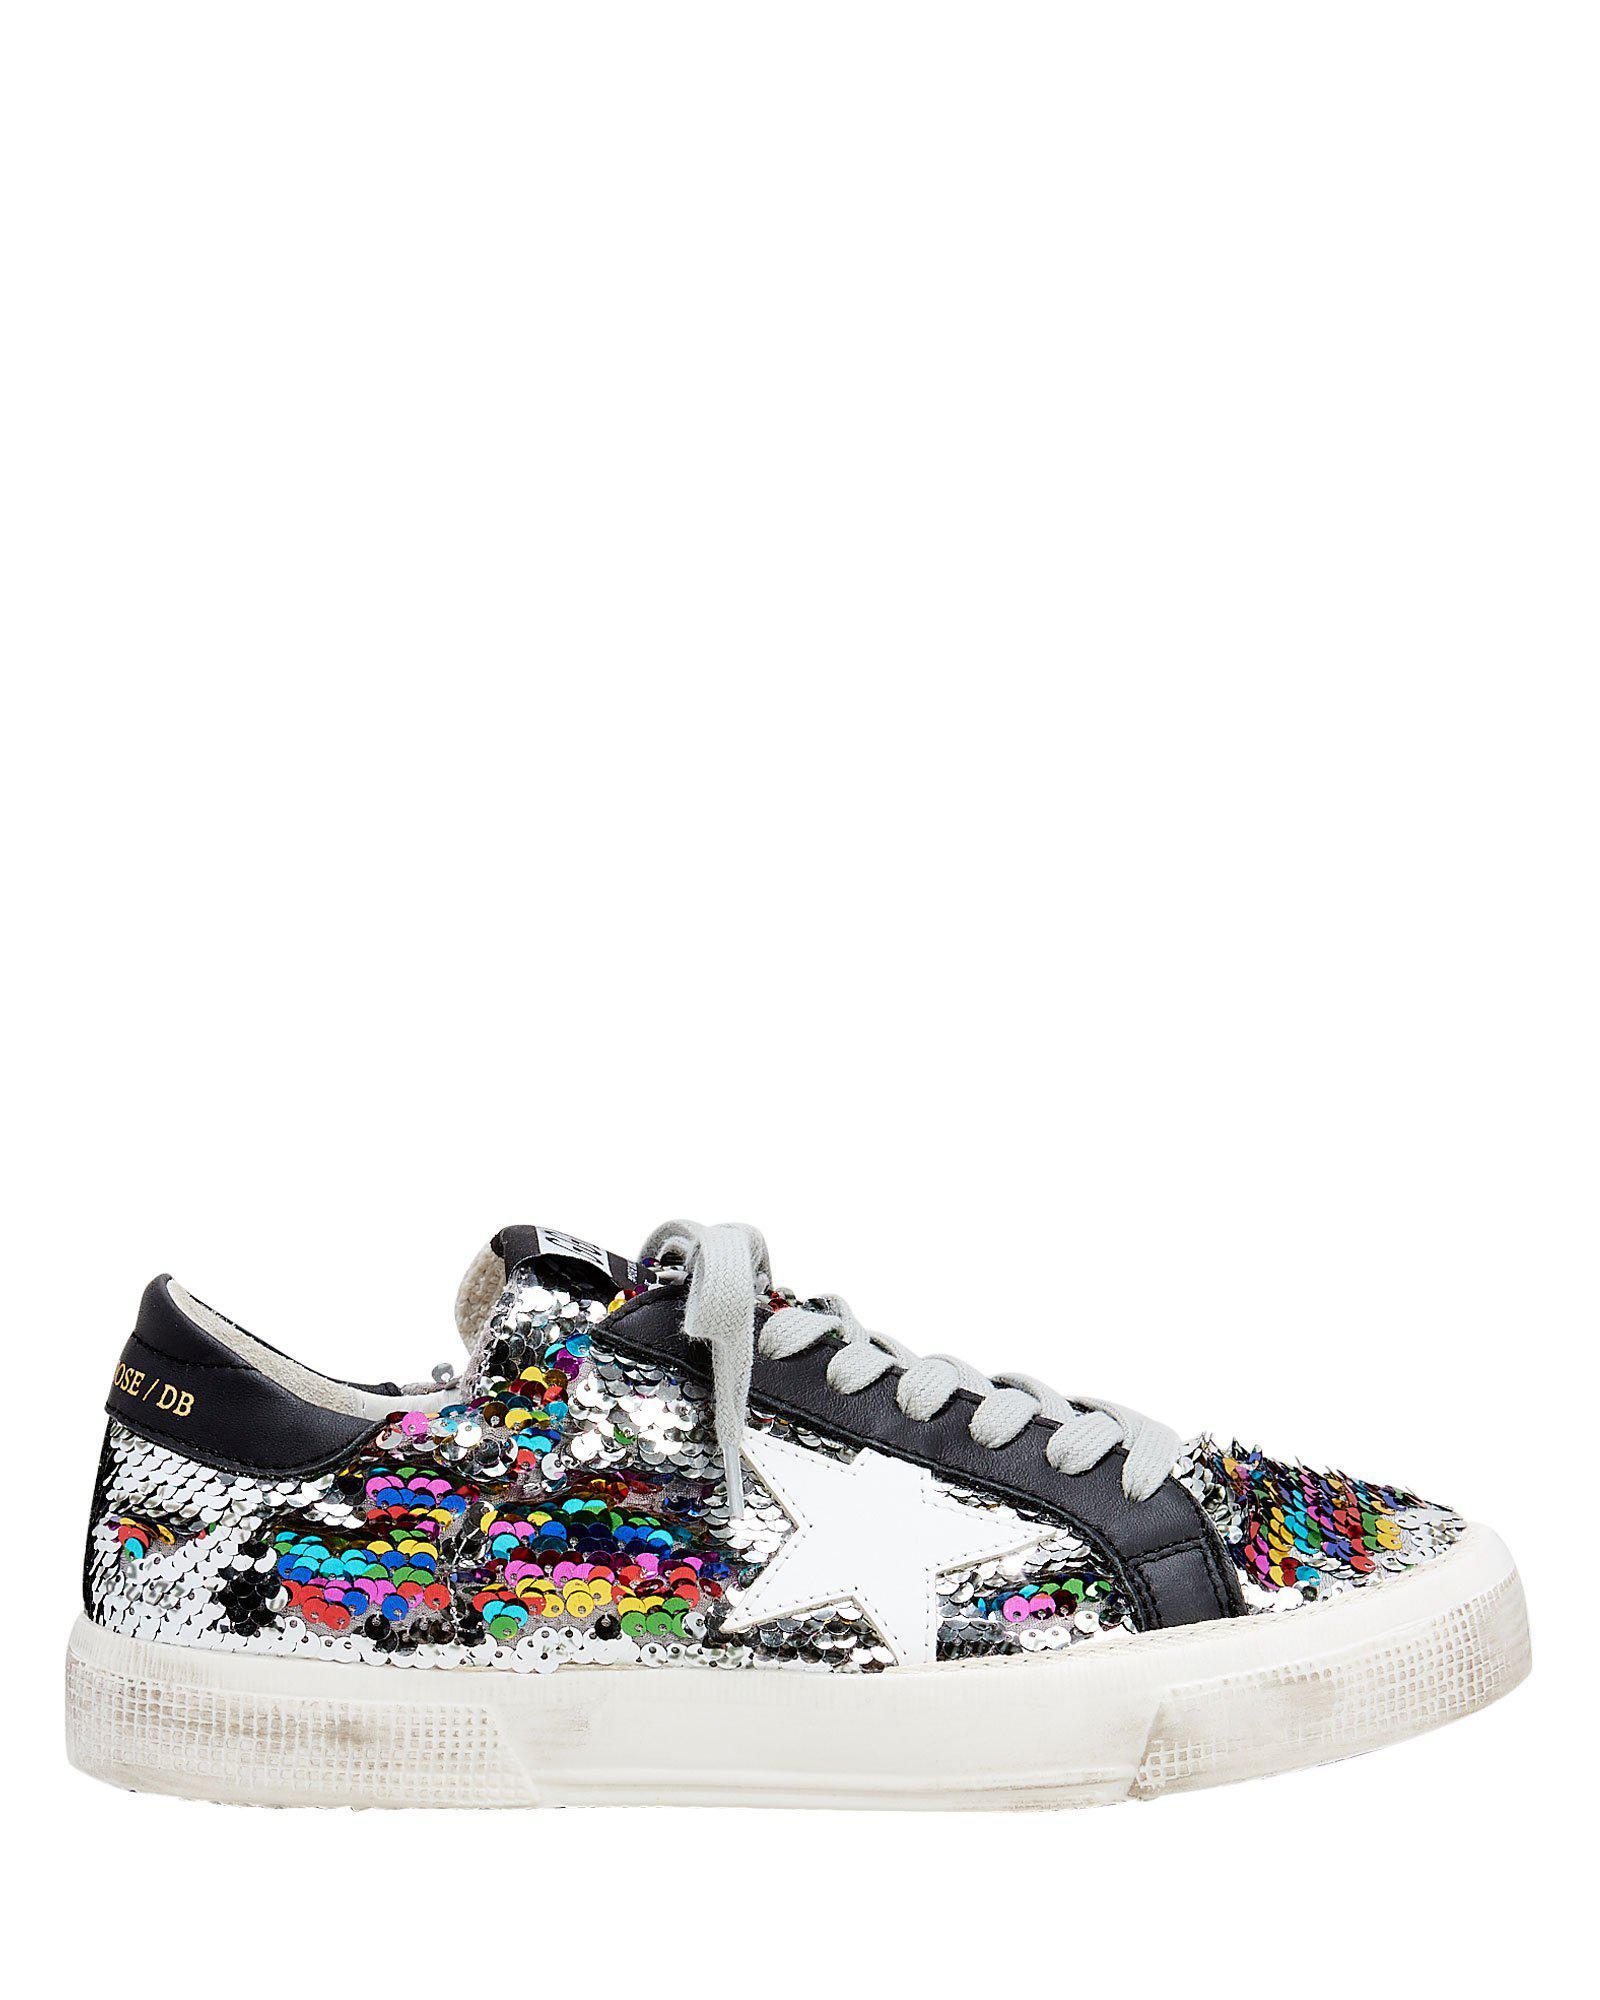 1df23adf3f65 Golden Goose Deluxe Brand. Women s Metallic May Rainbow Sequin Low-top  Sneakers